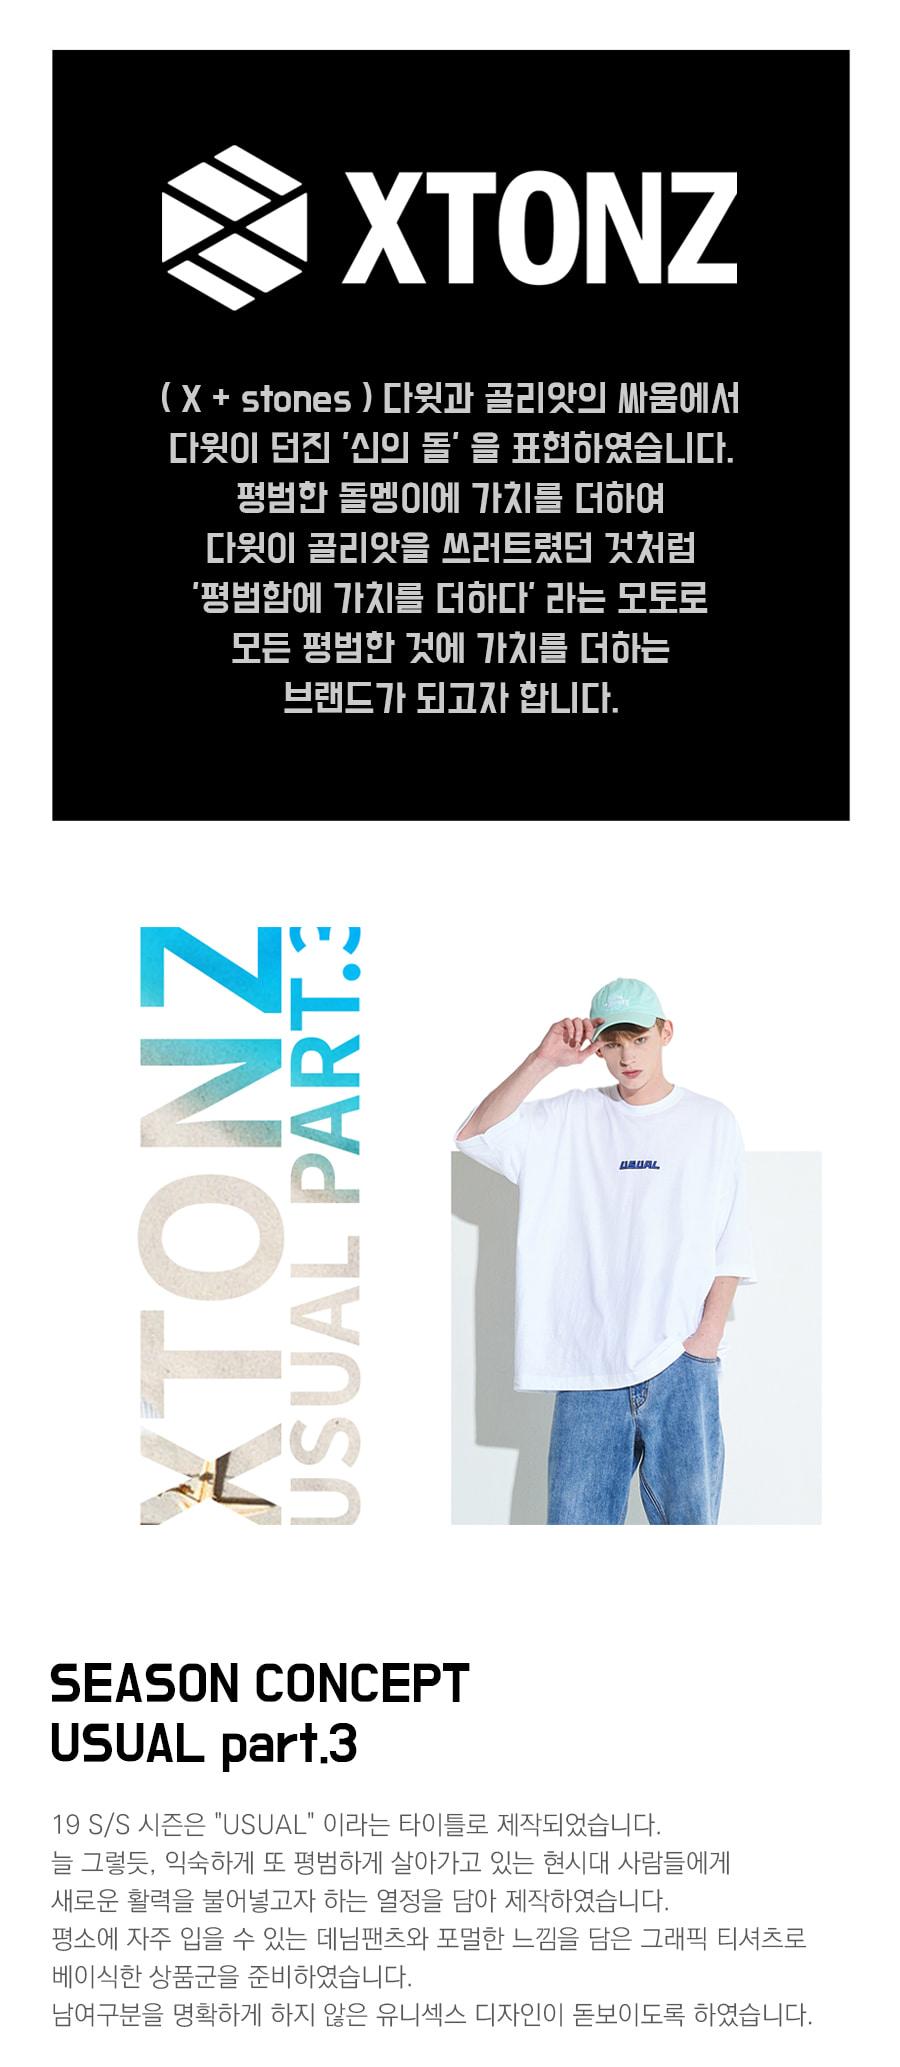 엑스톤즈 XT21 드레드 오버핏 반팔 티셔츠 (WHITE)